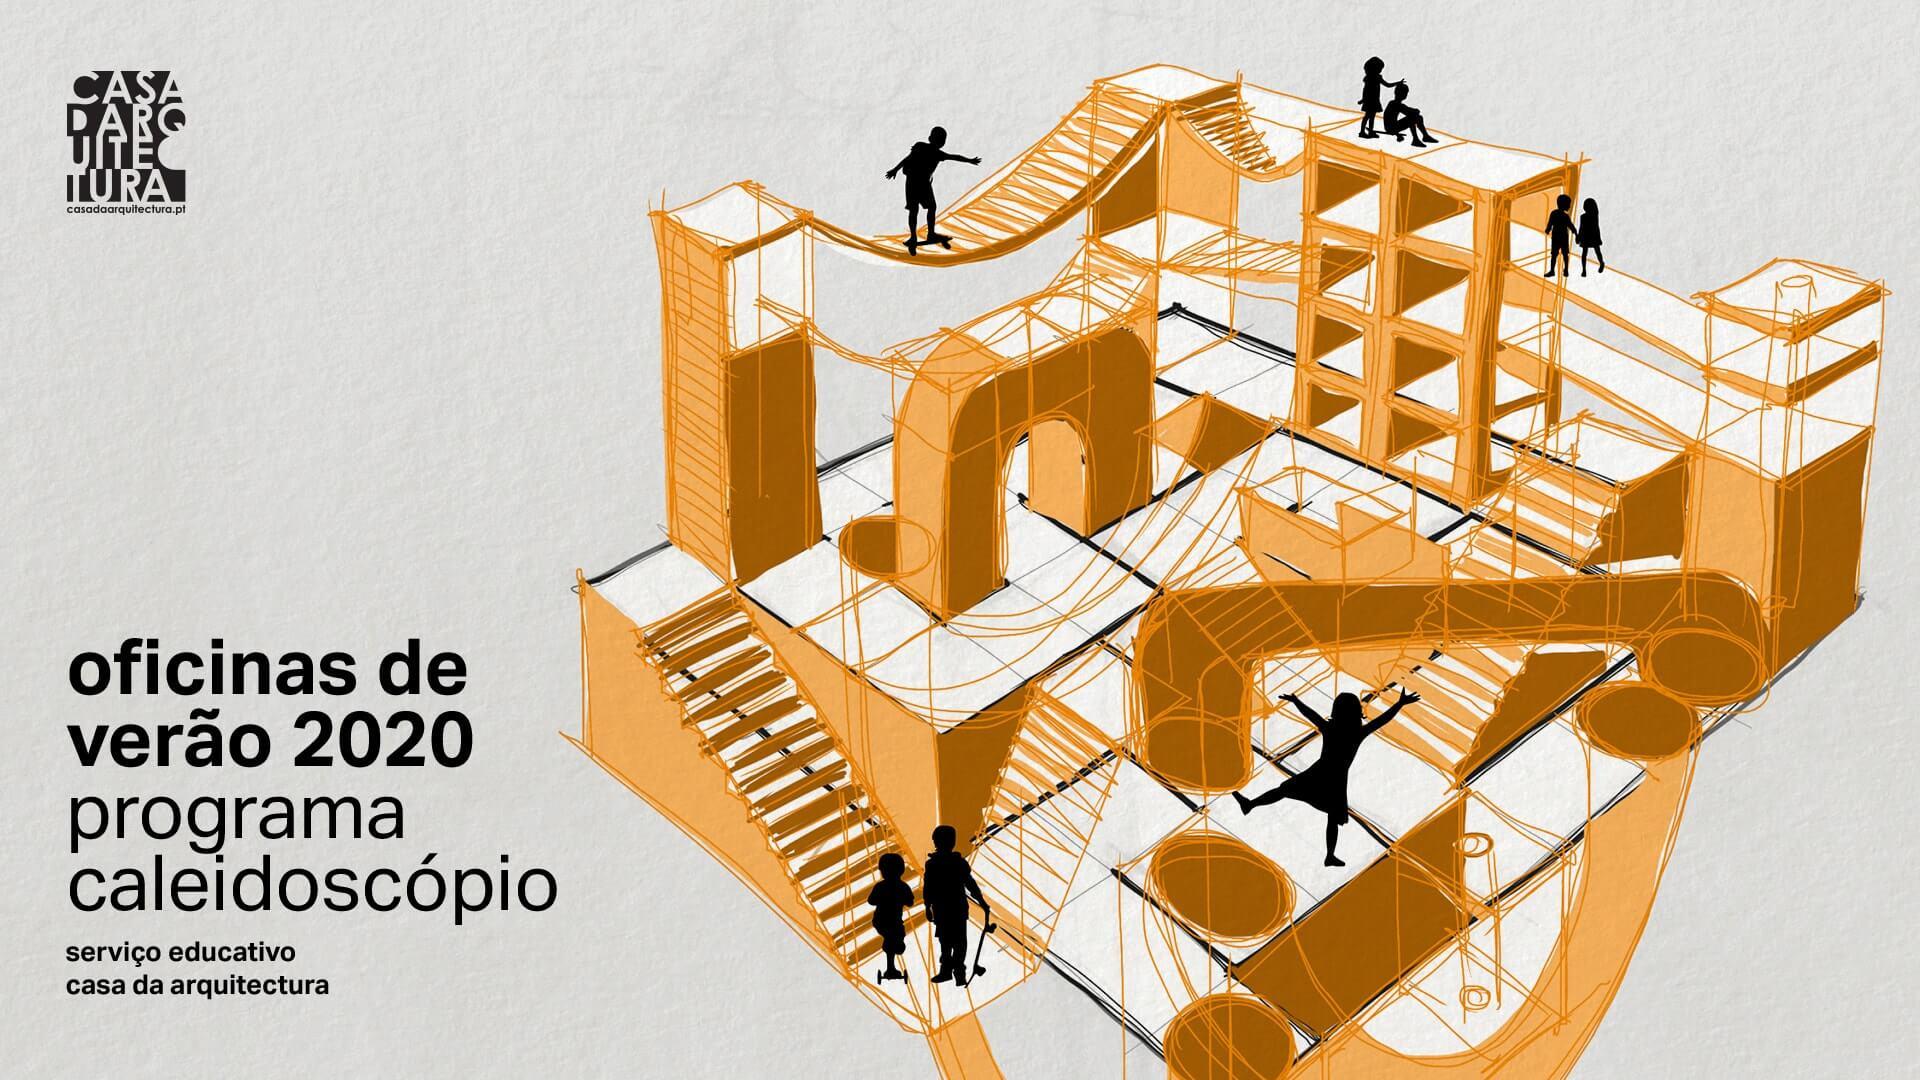 Casa da Arquitectura: Oficinas de verão para crianças entre 6 aos12 anos